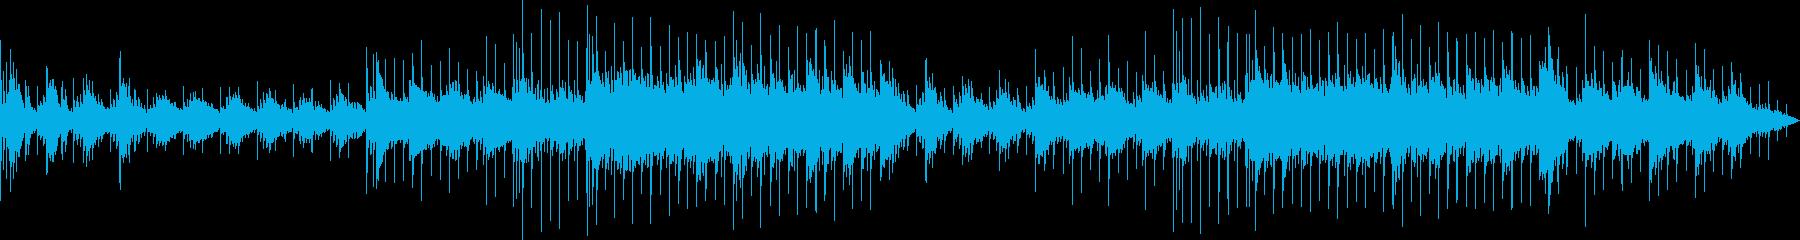 トリプレットスローバラード。ポップ。の再生済みの波形